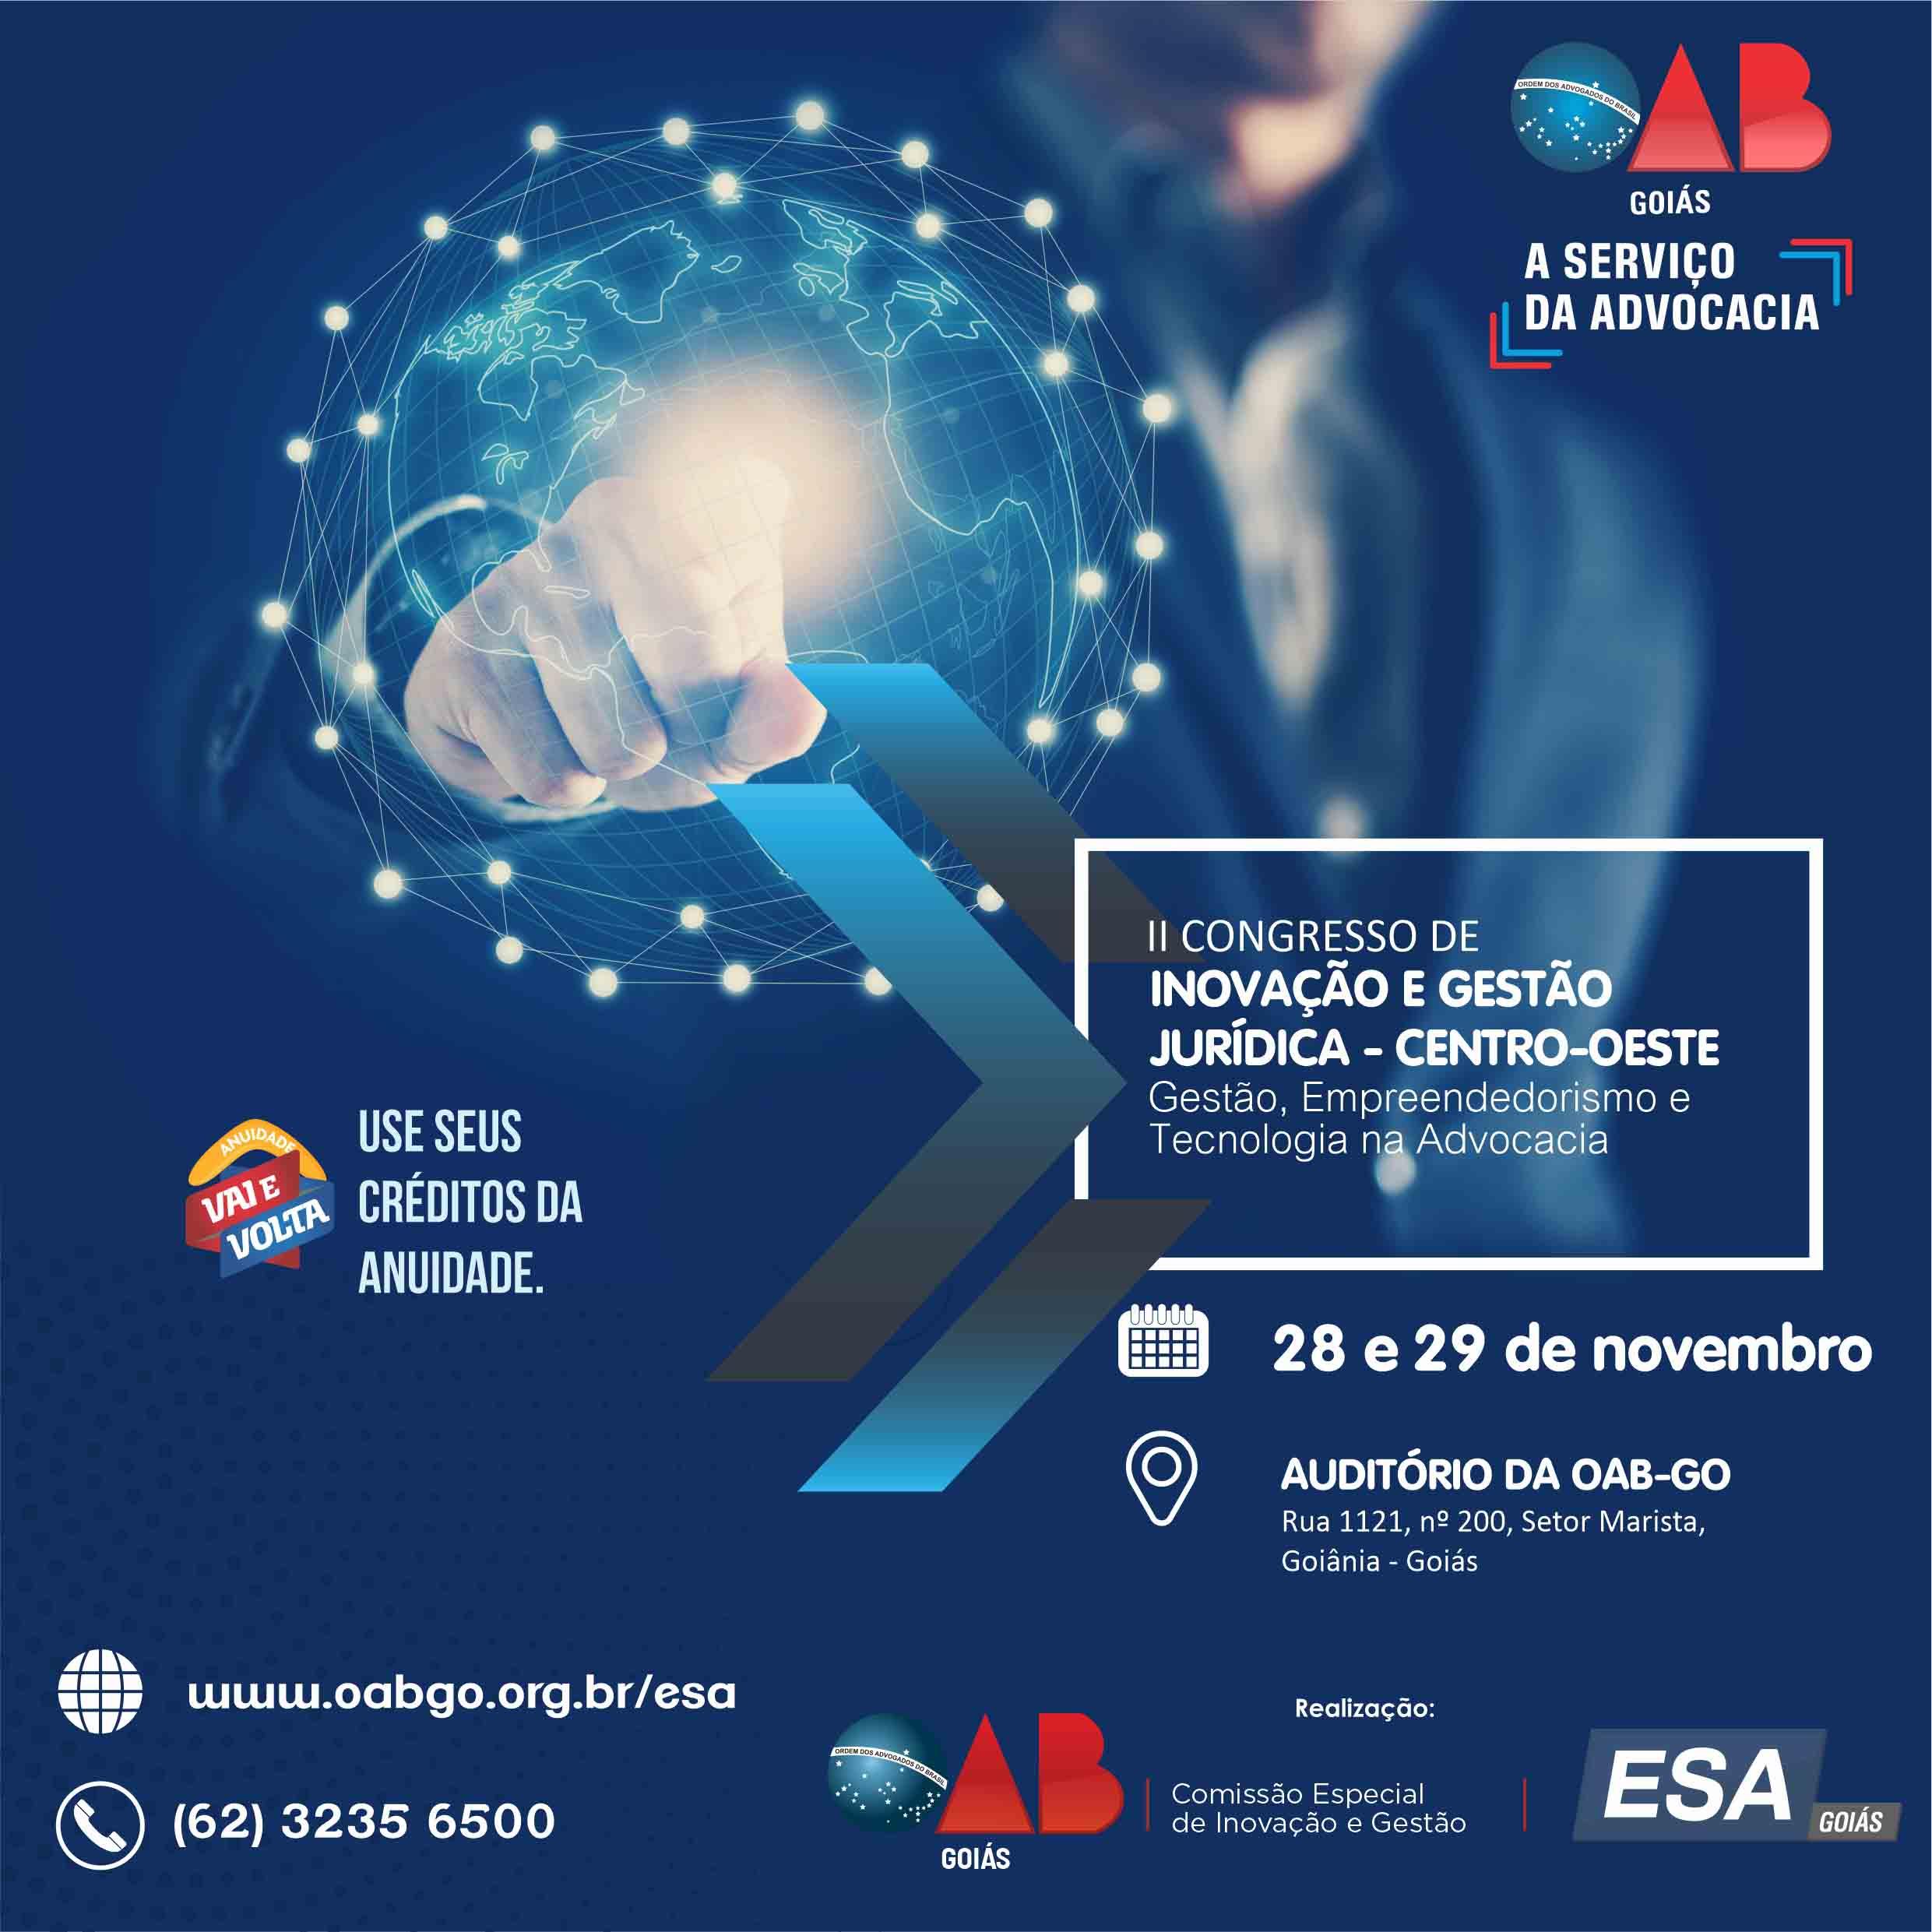 28 e 29.11 - II Congresso de Inovação e Gestão Jurídica